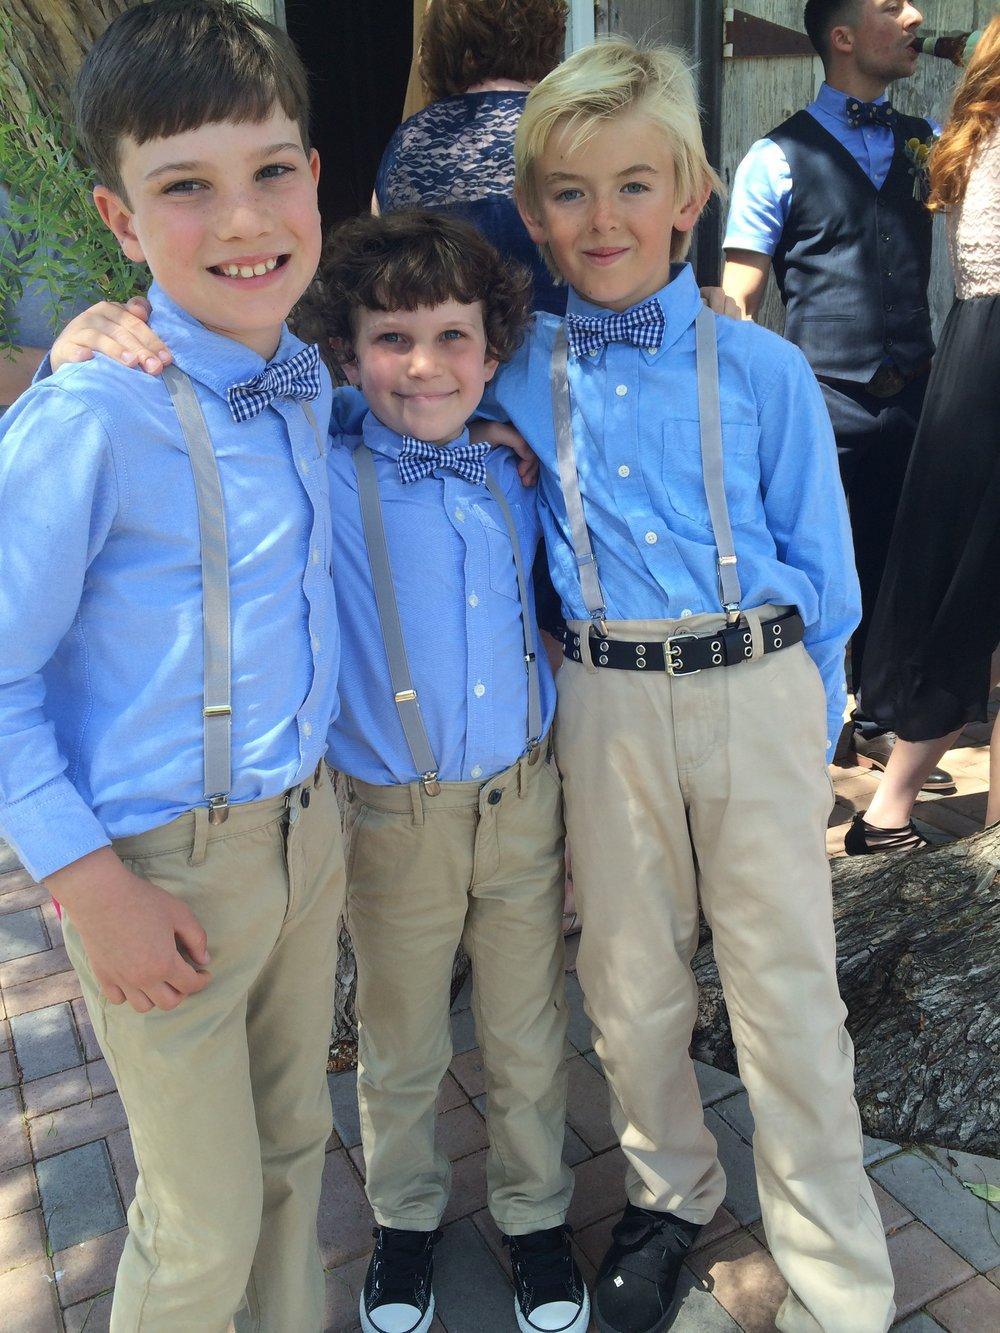 wedding boys.JPG